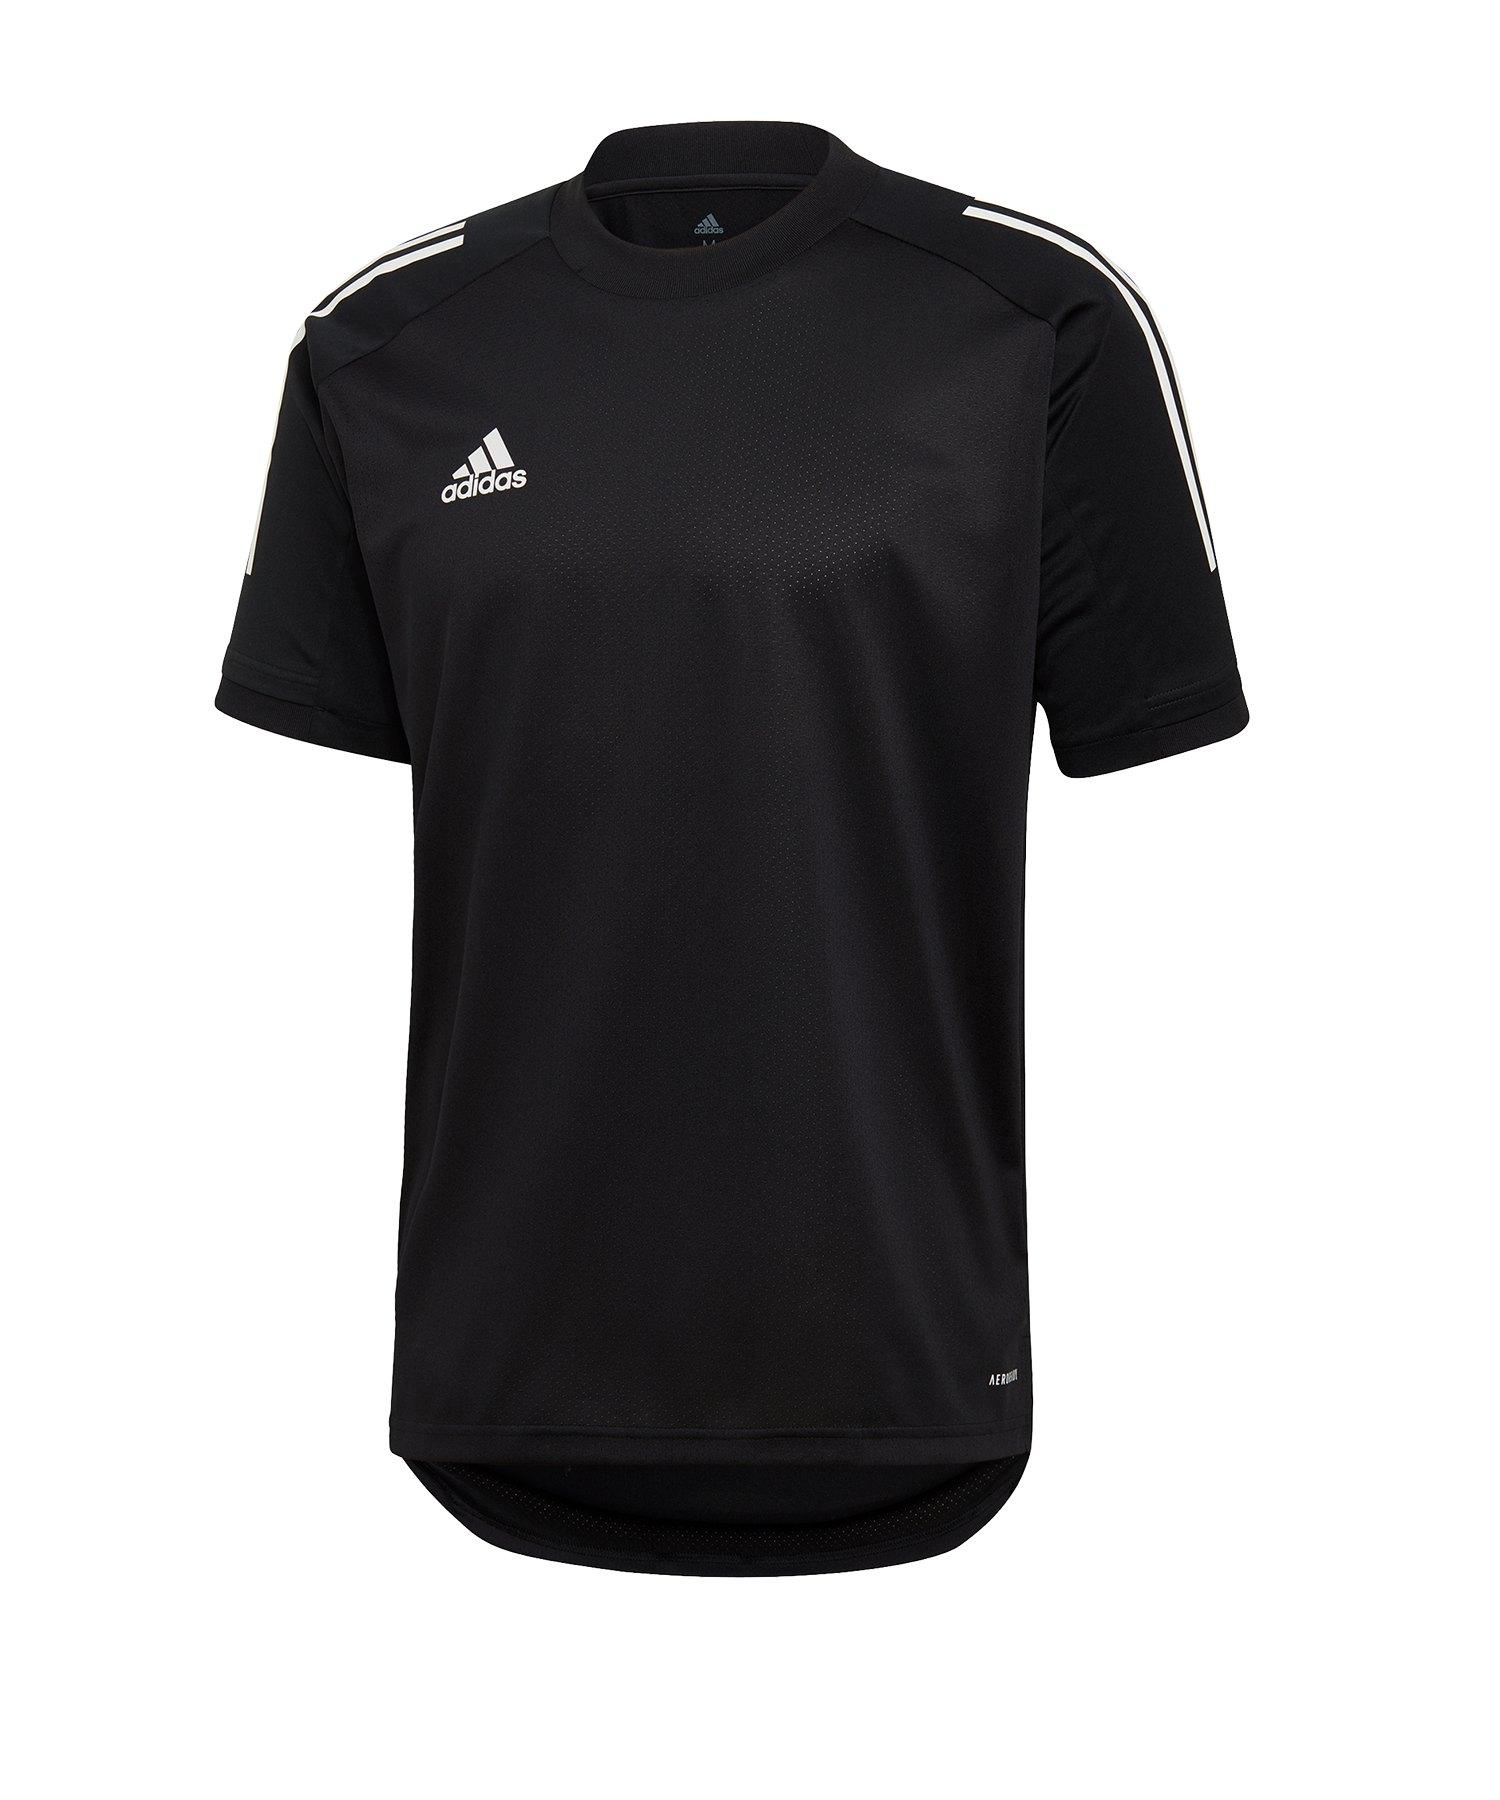 adidas Condivo 20 Trainingsshirt Schwarz Weiss - schwarz